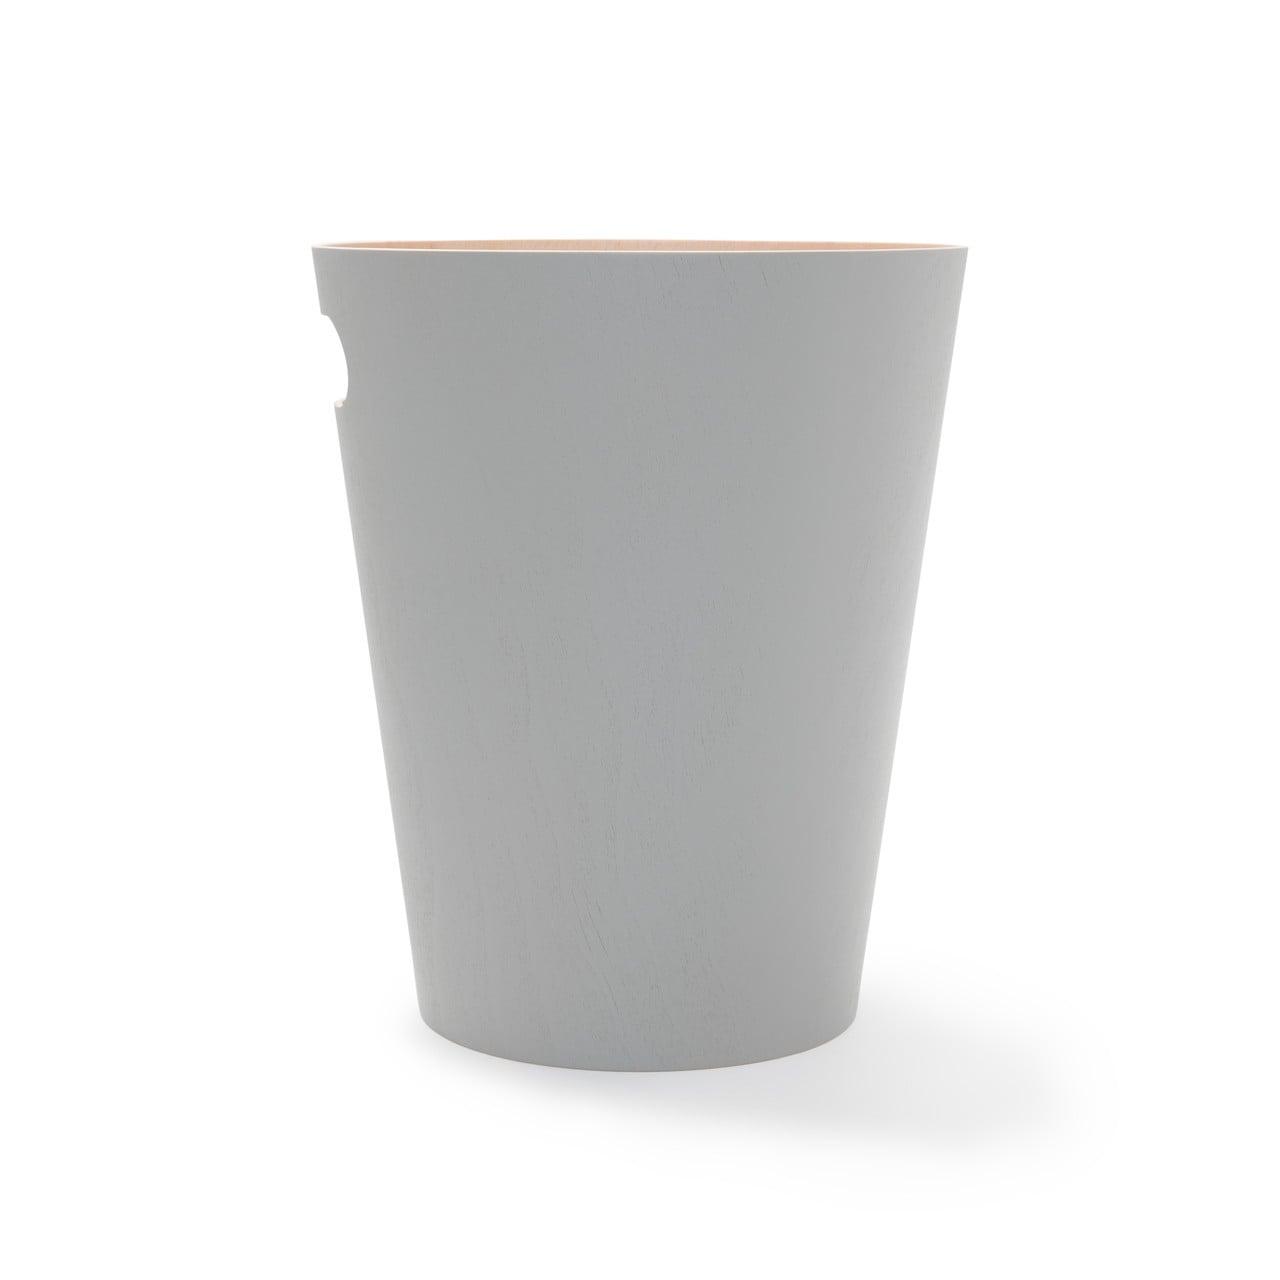 WOODROW Papierkorb, grau